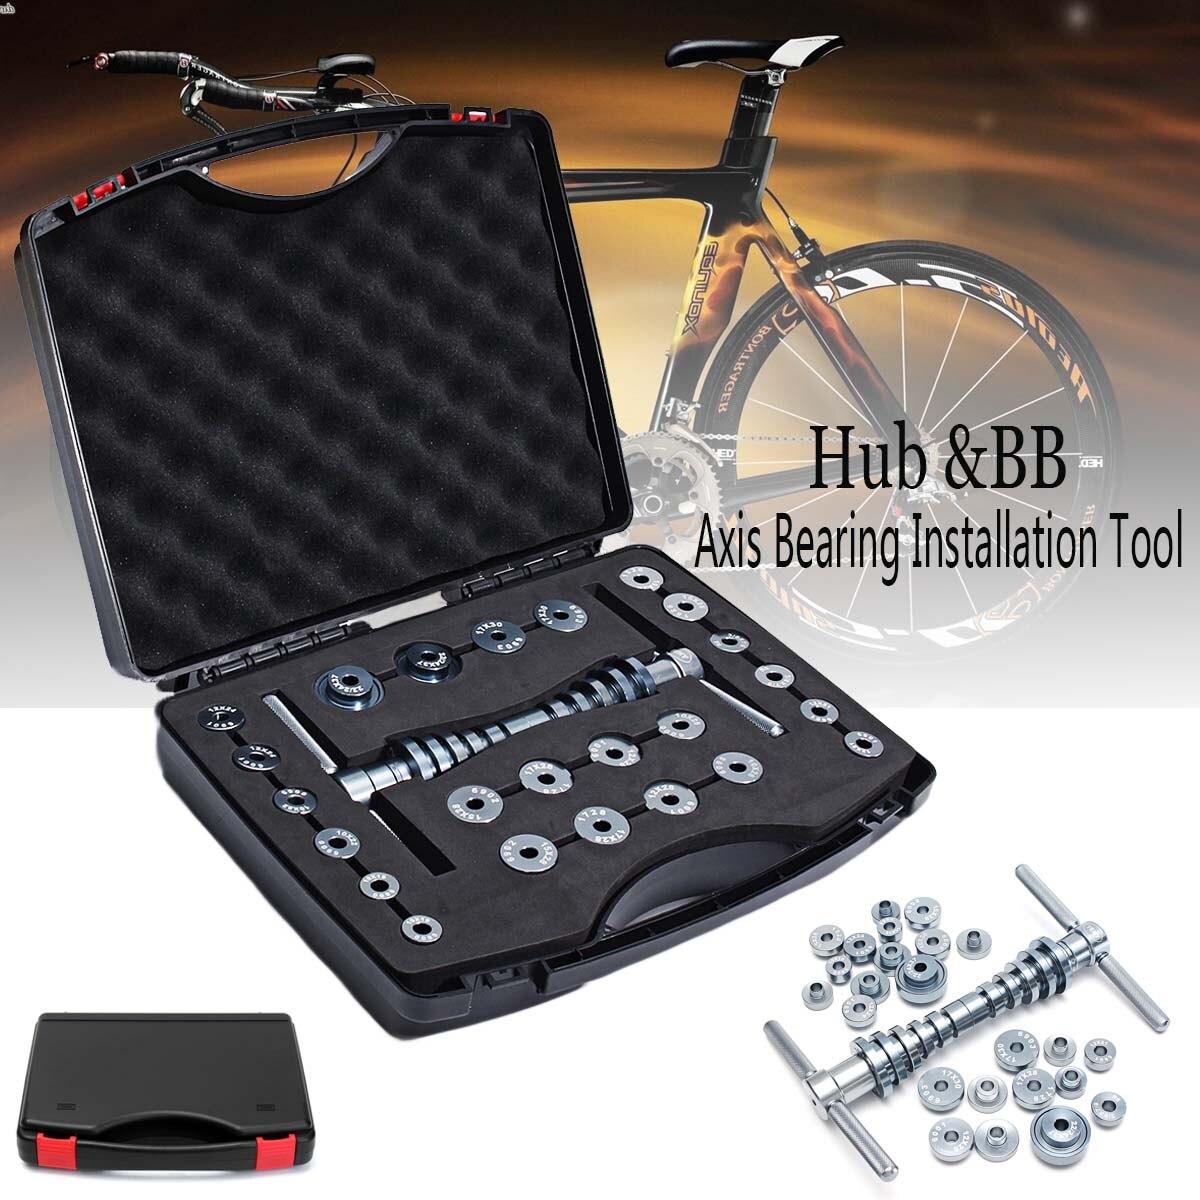 Kit d'installation de retrait de roulement à axe BB pour vélo